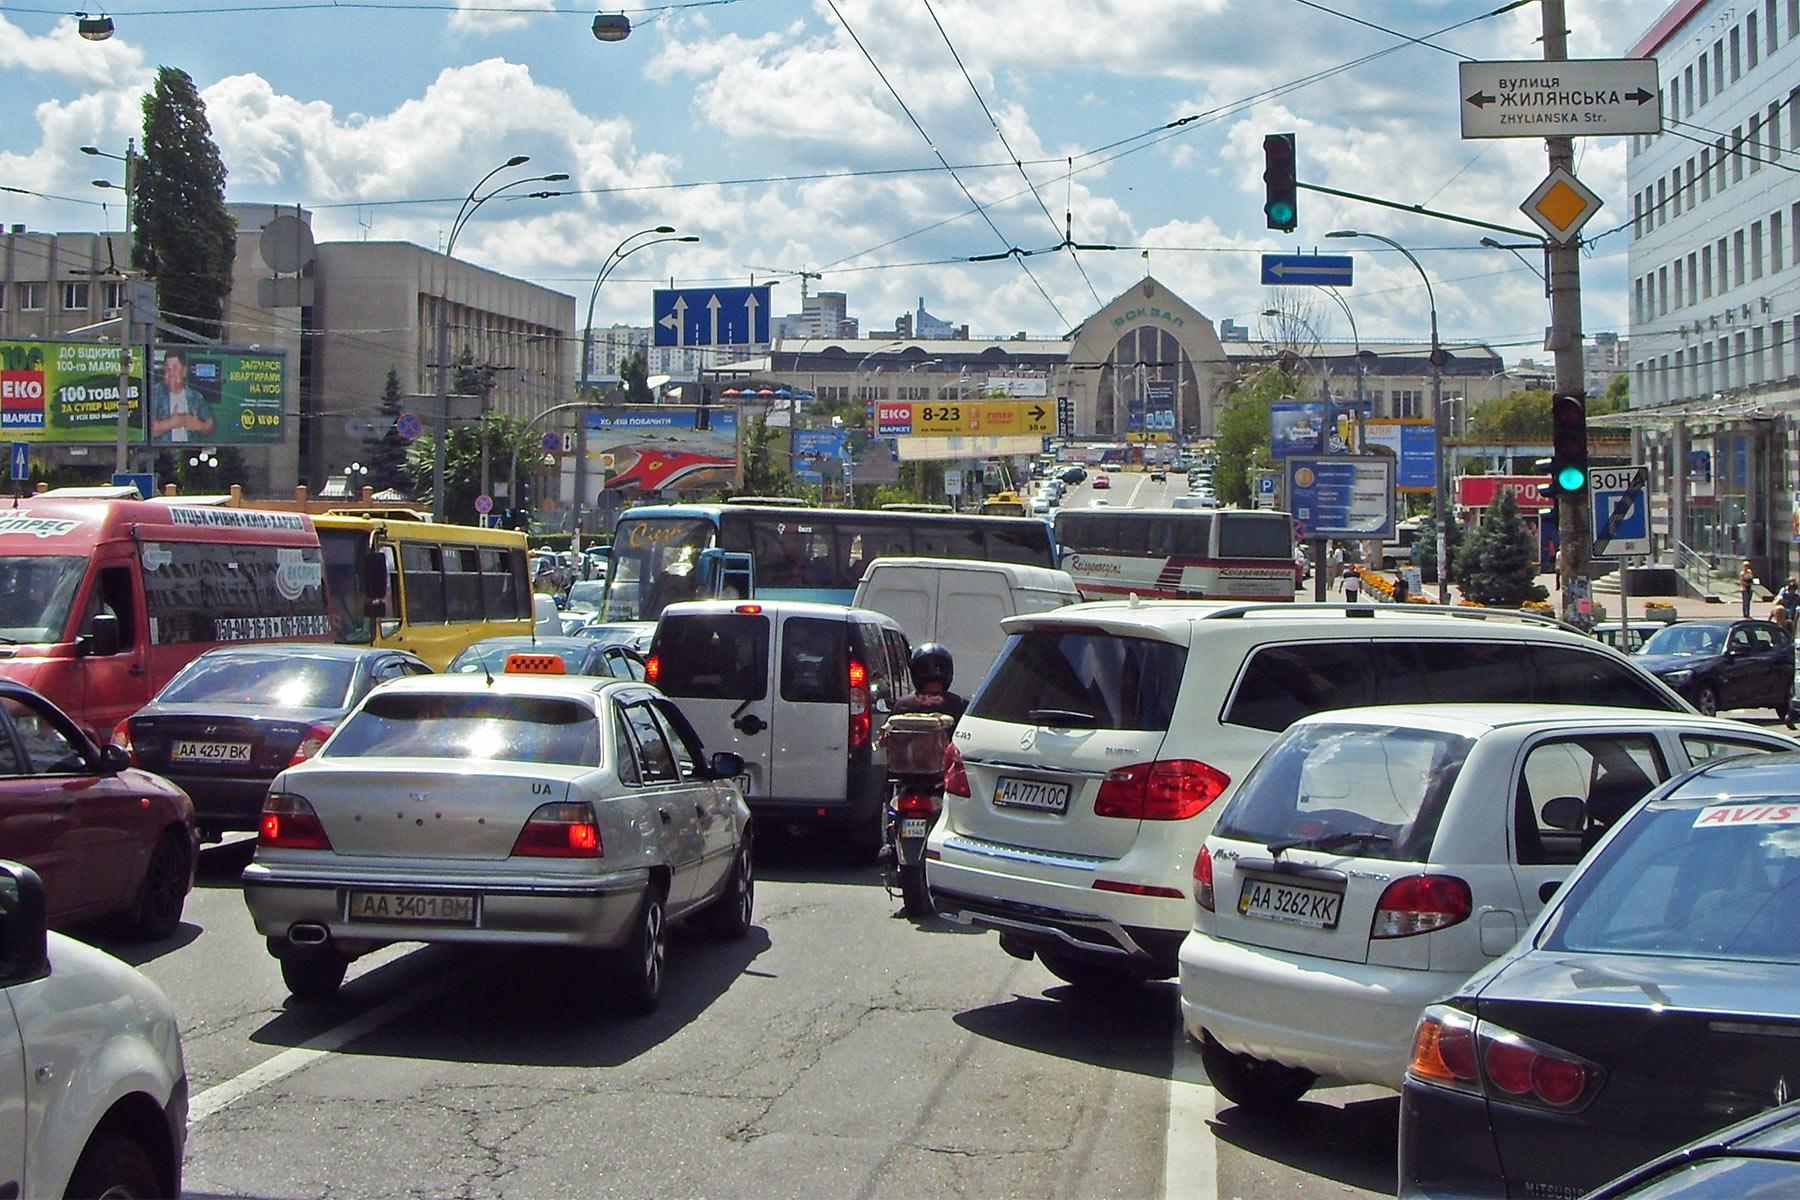 Затори в Києві -  - traffic jam